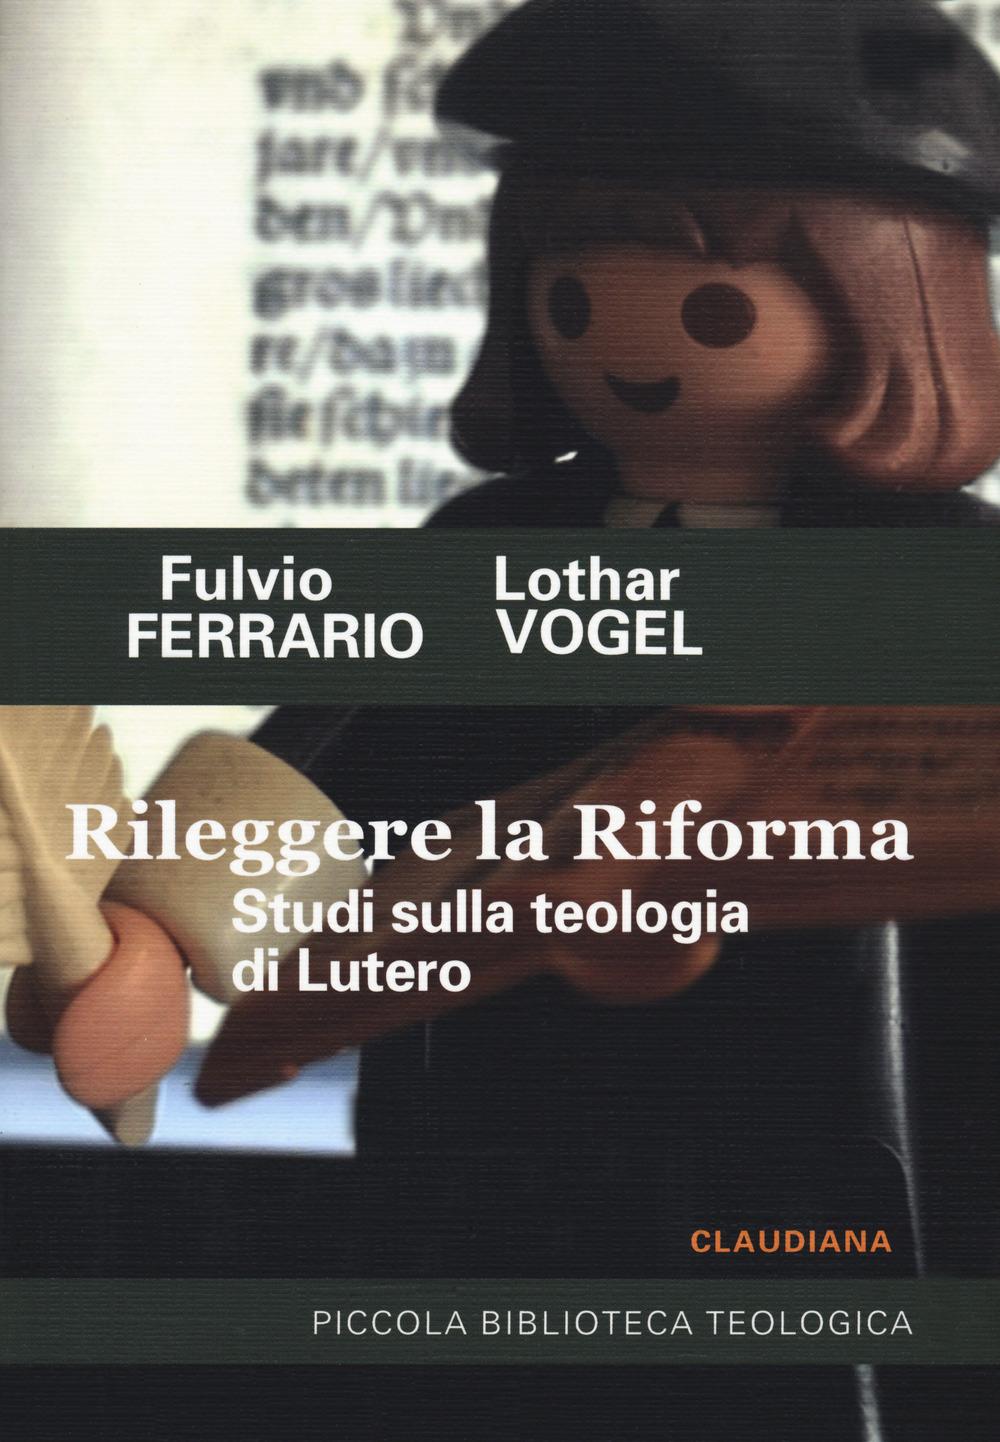 Rileggere la Riforma. Studi sulla teologia di Lutero